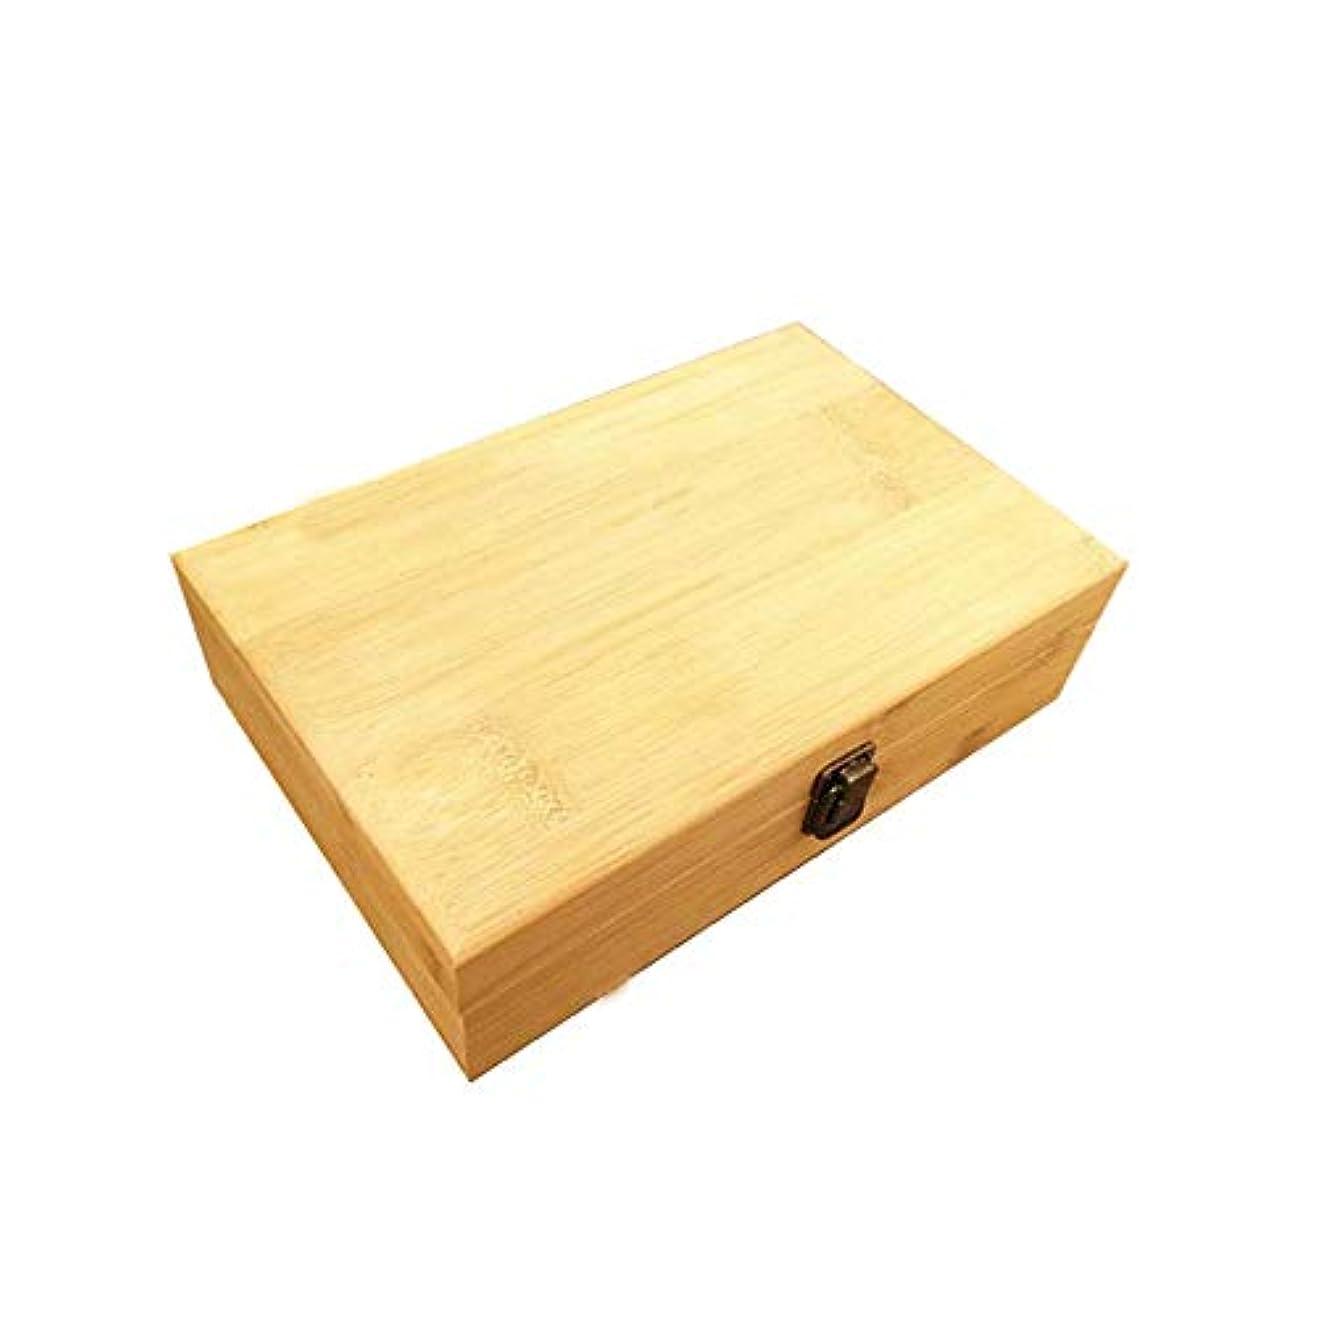 教会シェーバー細菌エッセンシャルオイルストレージボックス 40スロットエッセンシャルオイルボックス木製収納ケースは、40本のボトルエッセンシャルオイルスペースセーバーの開催します 旅行およびプレゼンテーション用 (色 : Natural,...